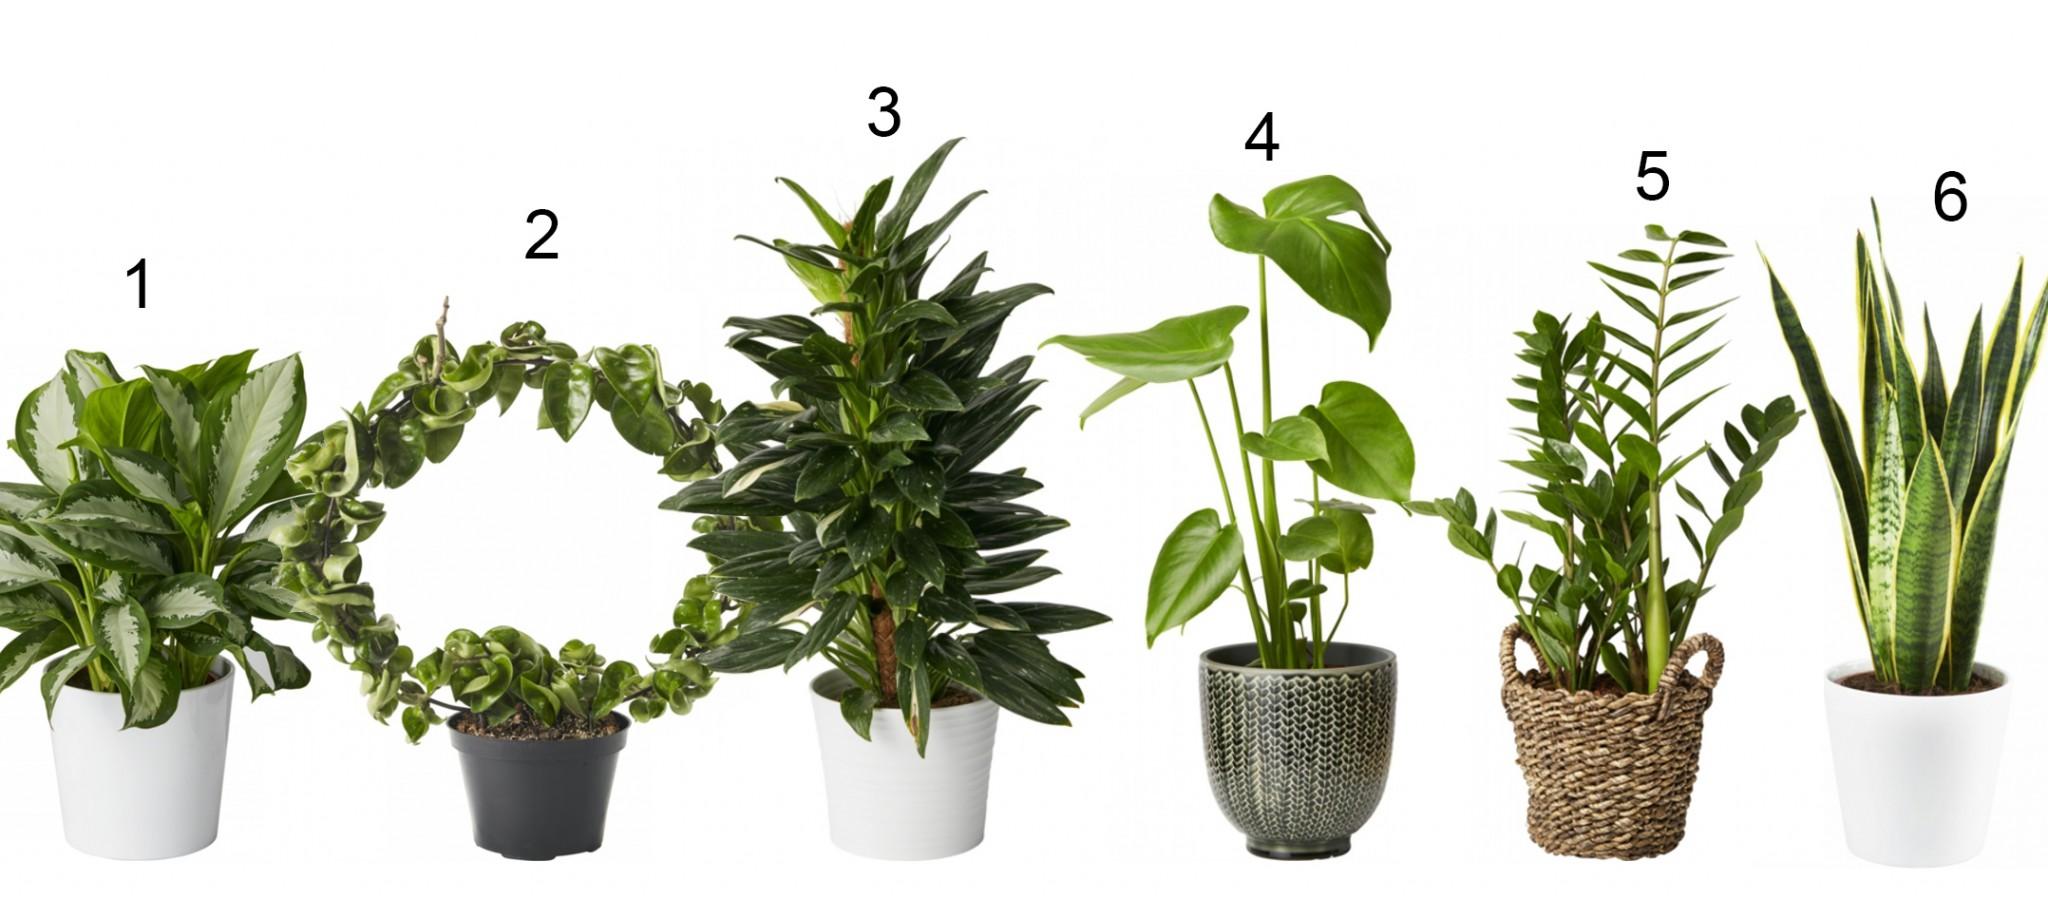 planter der tåler sol